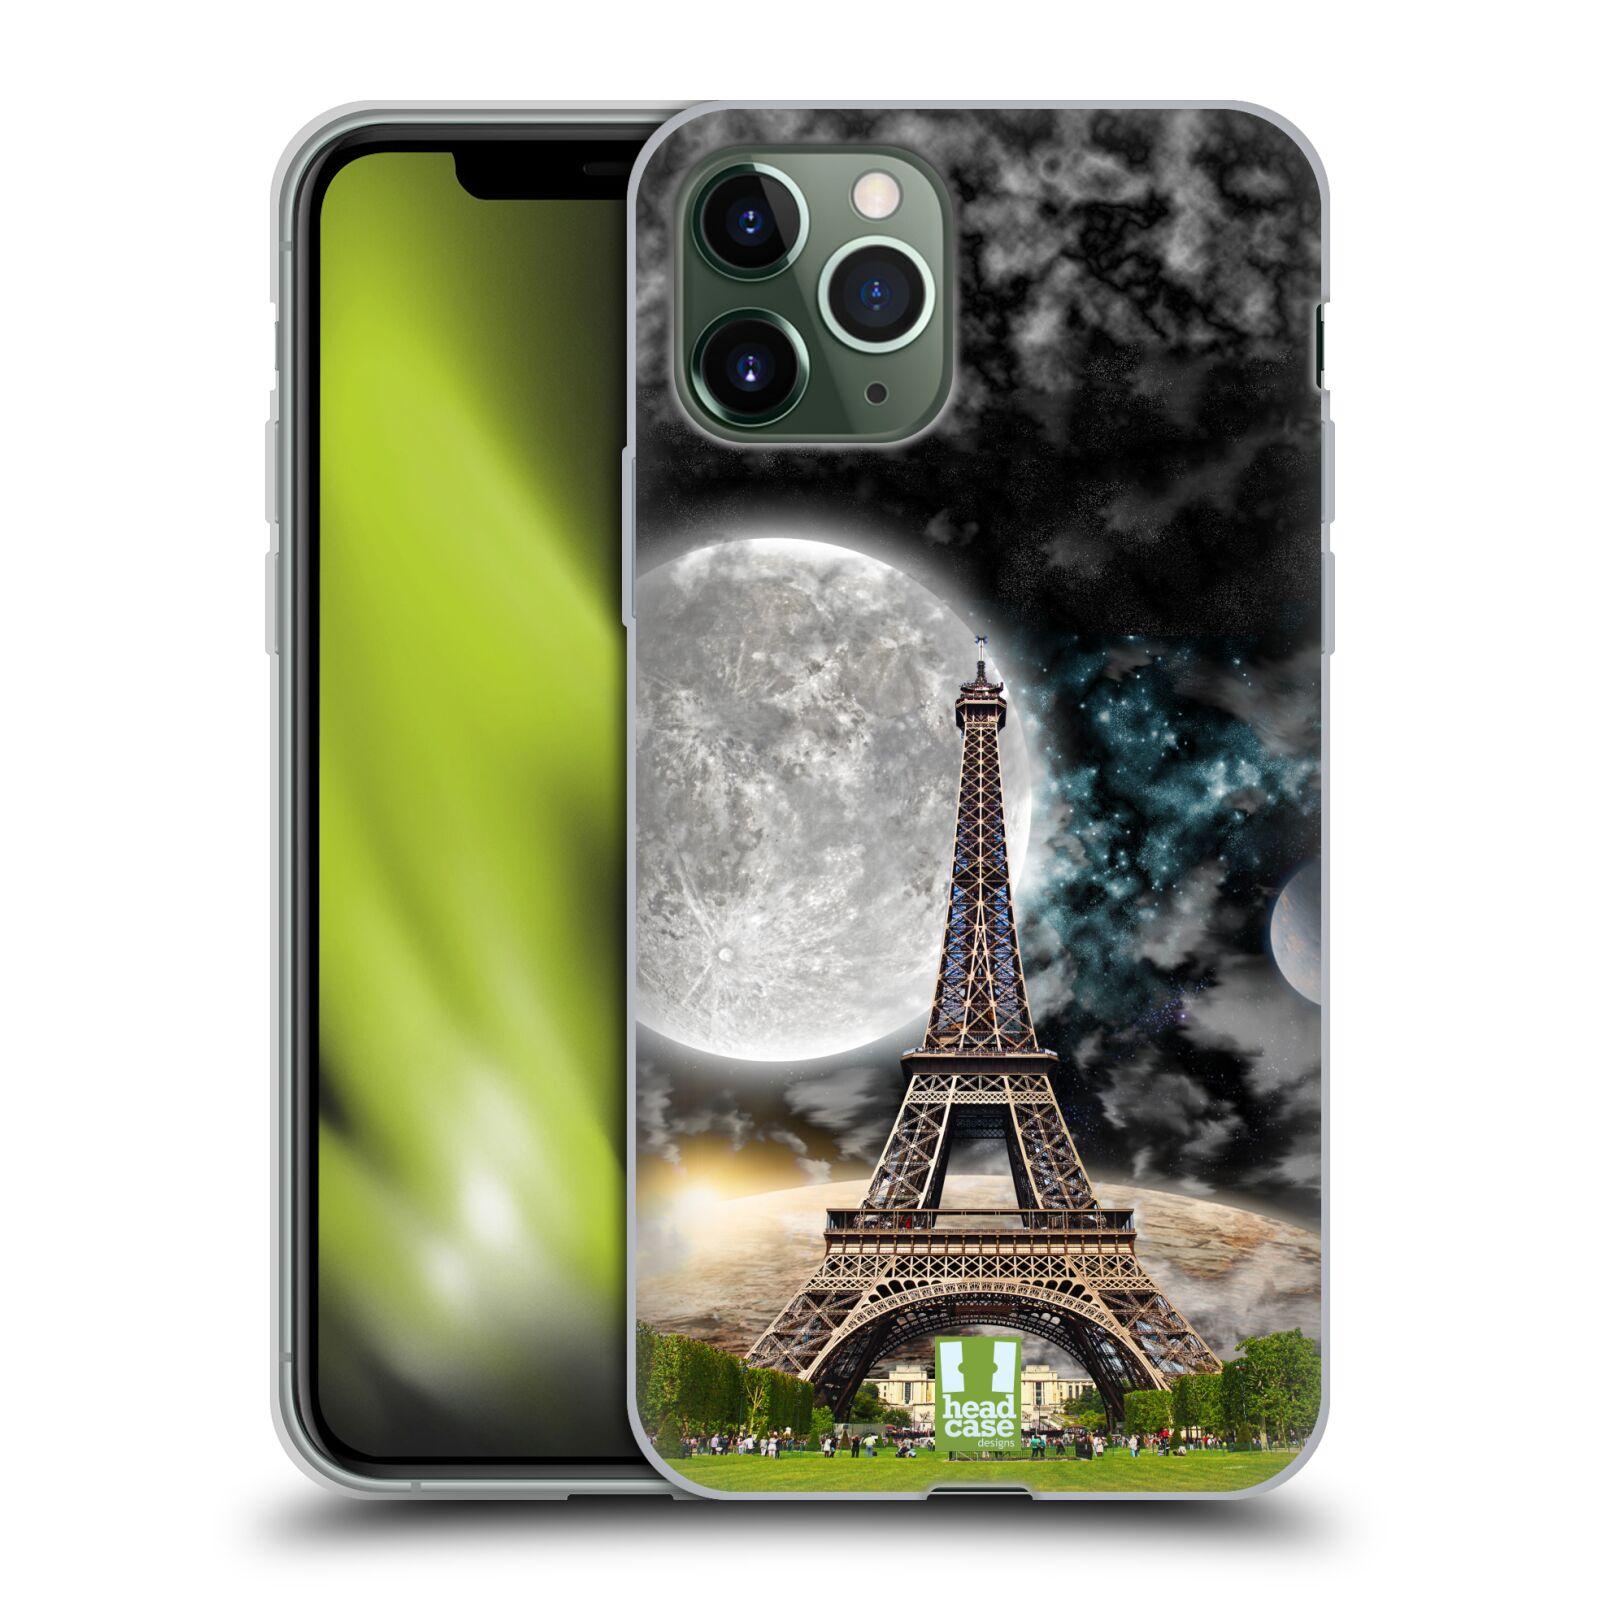 funda gucci iphone x original | Silikonové pouzdro na mobil Apple iPhone 11 Pro - Head Case - Měsíční aifelovka